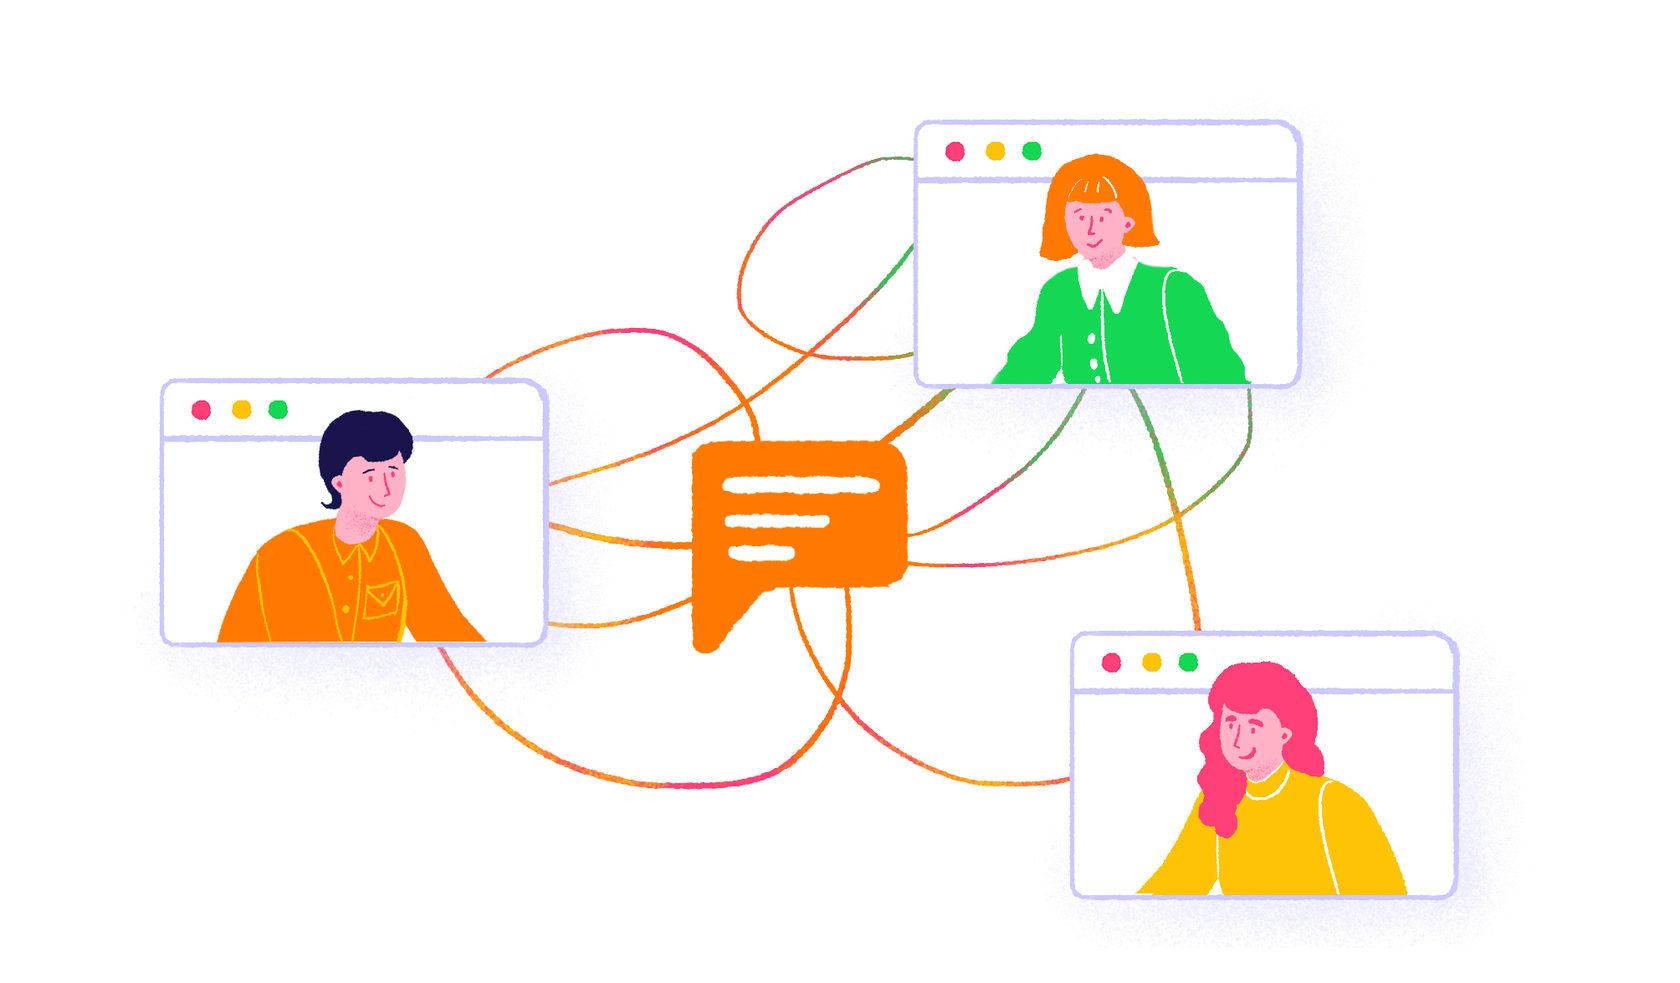 иллюстрация Организуйте онлайн-консультации и показы товаров